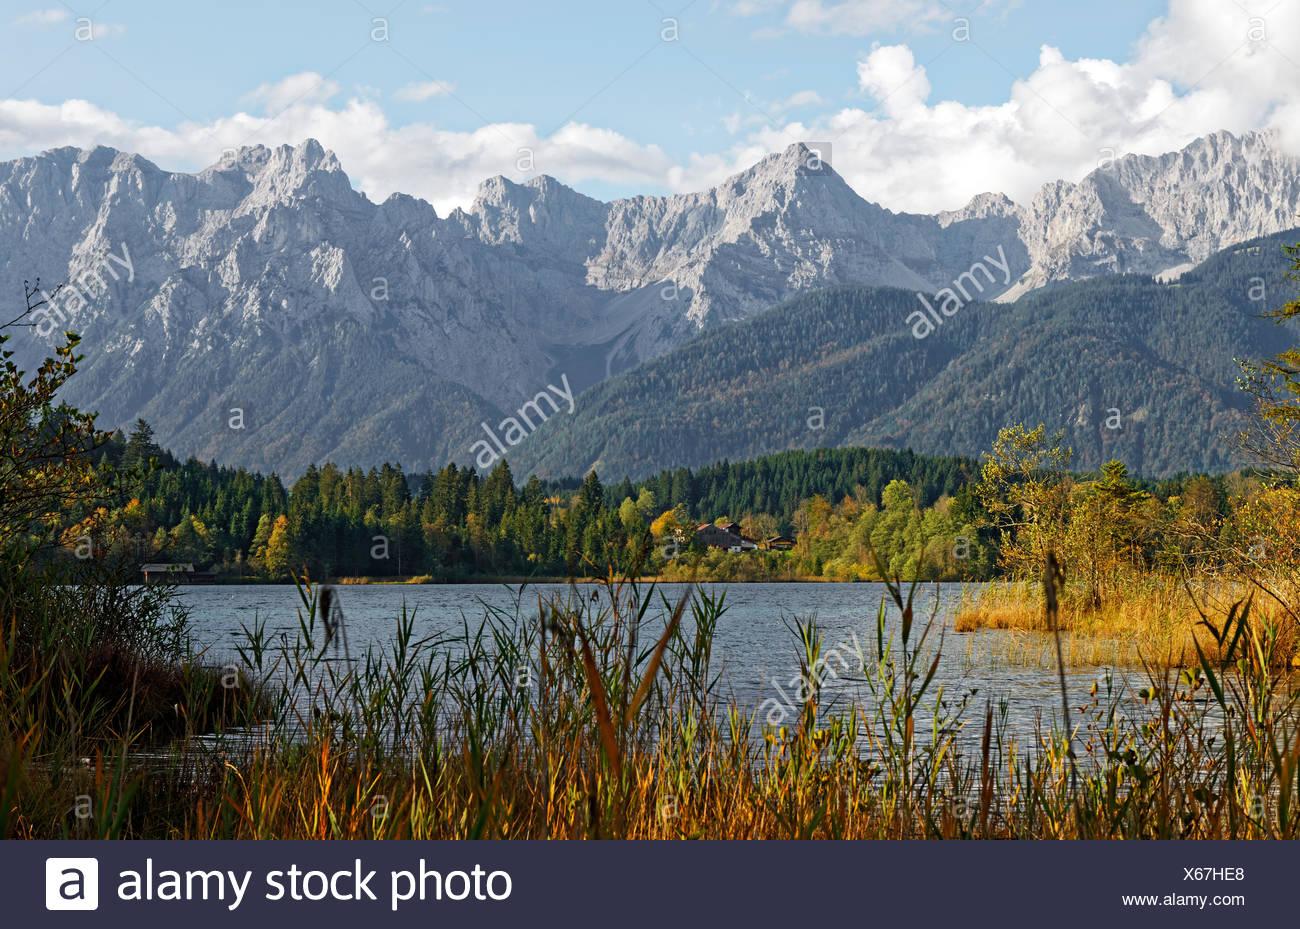 Barmsee bei KrŸn, Karwendel, Werdenfelser Land, Oberbayern, Bayern, Deutschland, Stock Photo